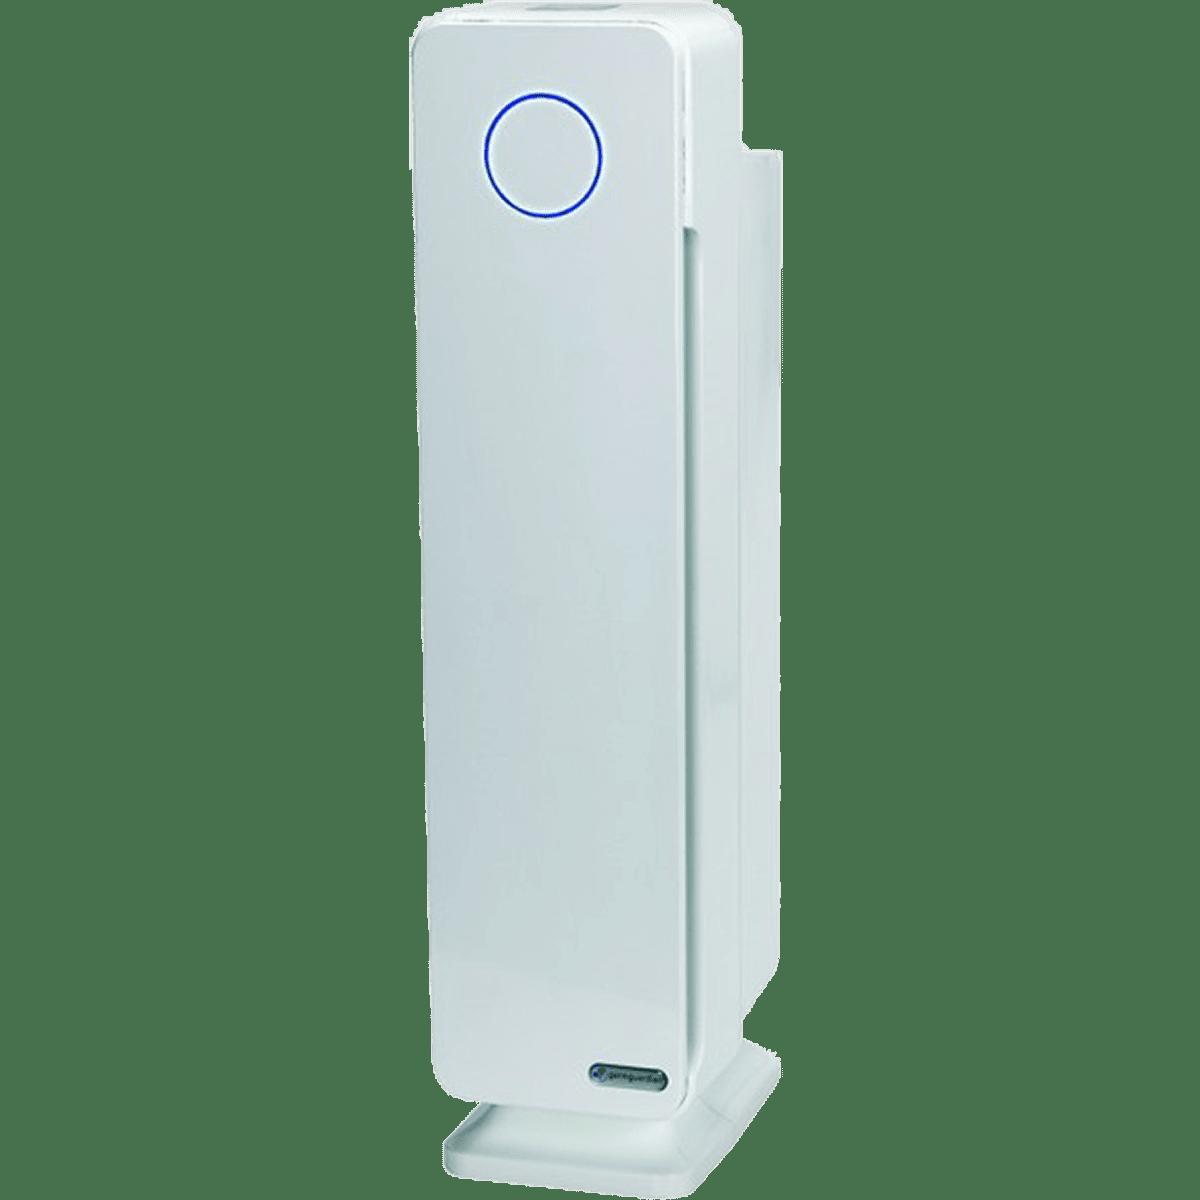 Germ Guardian Elite AC5350B HEPA & UV-C Tower Plus Air Purifier ge5609